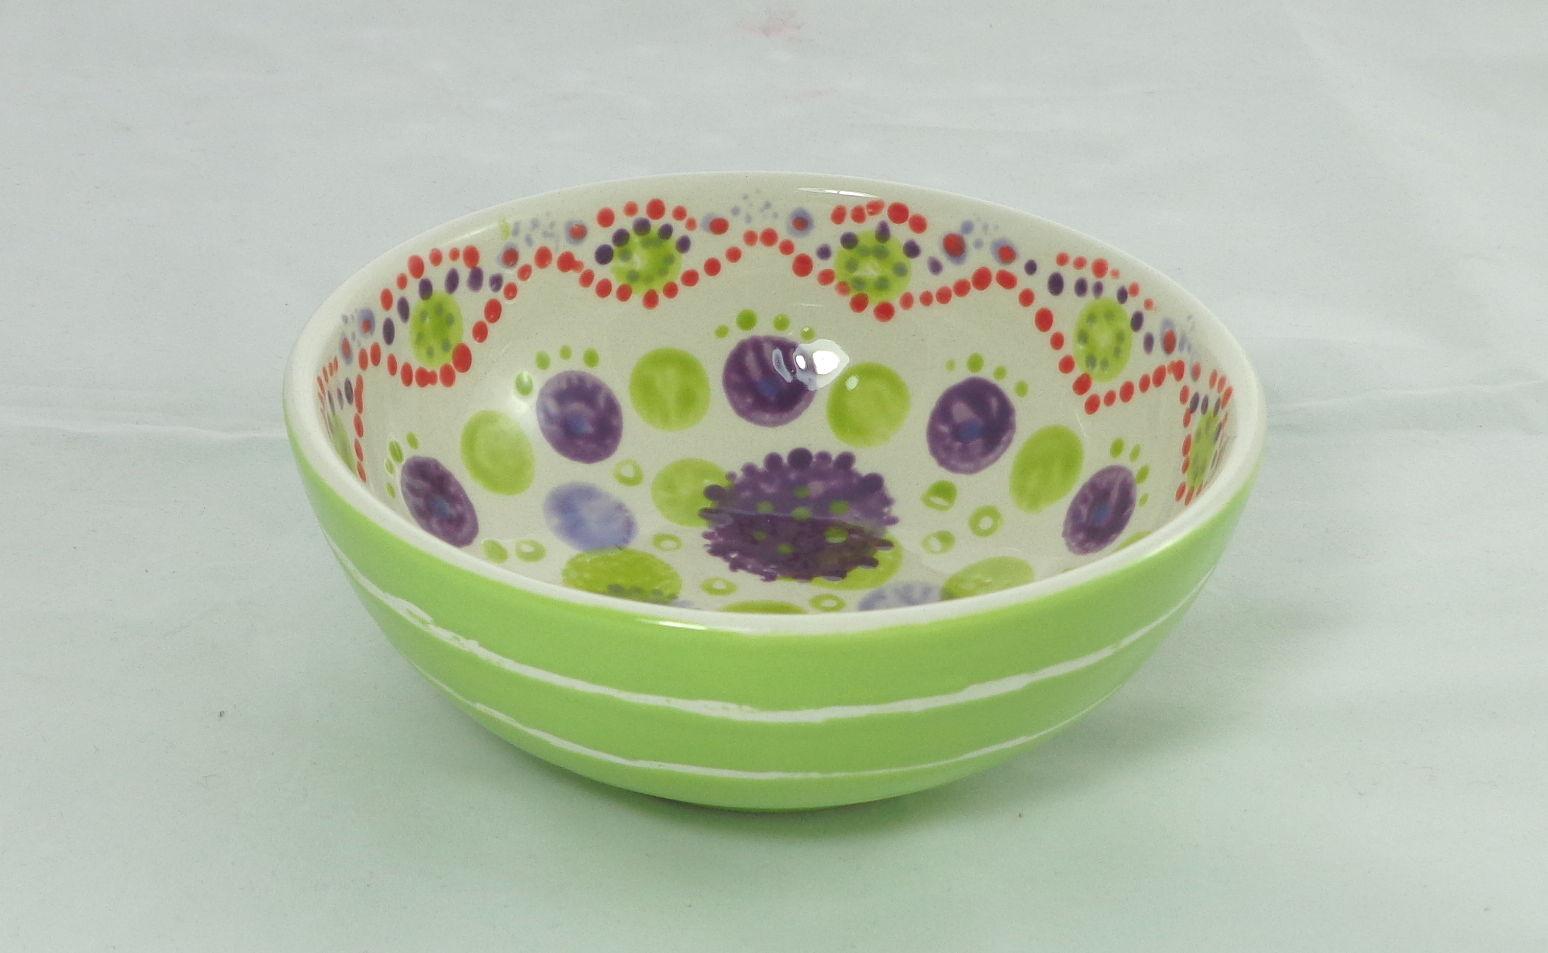 Bemalte Keramik Müslischale grün mit Punkten